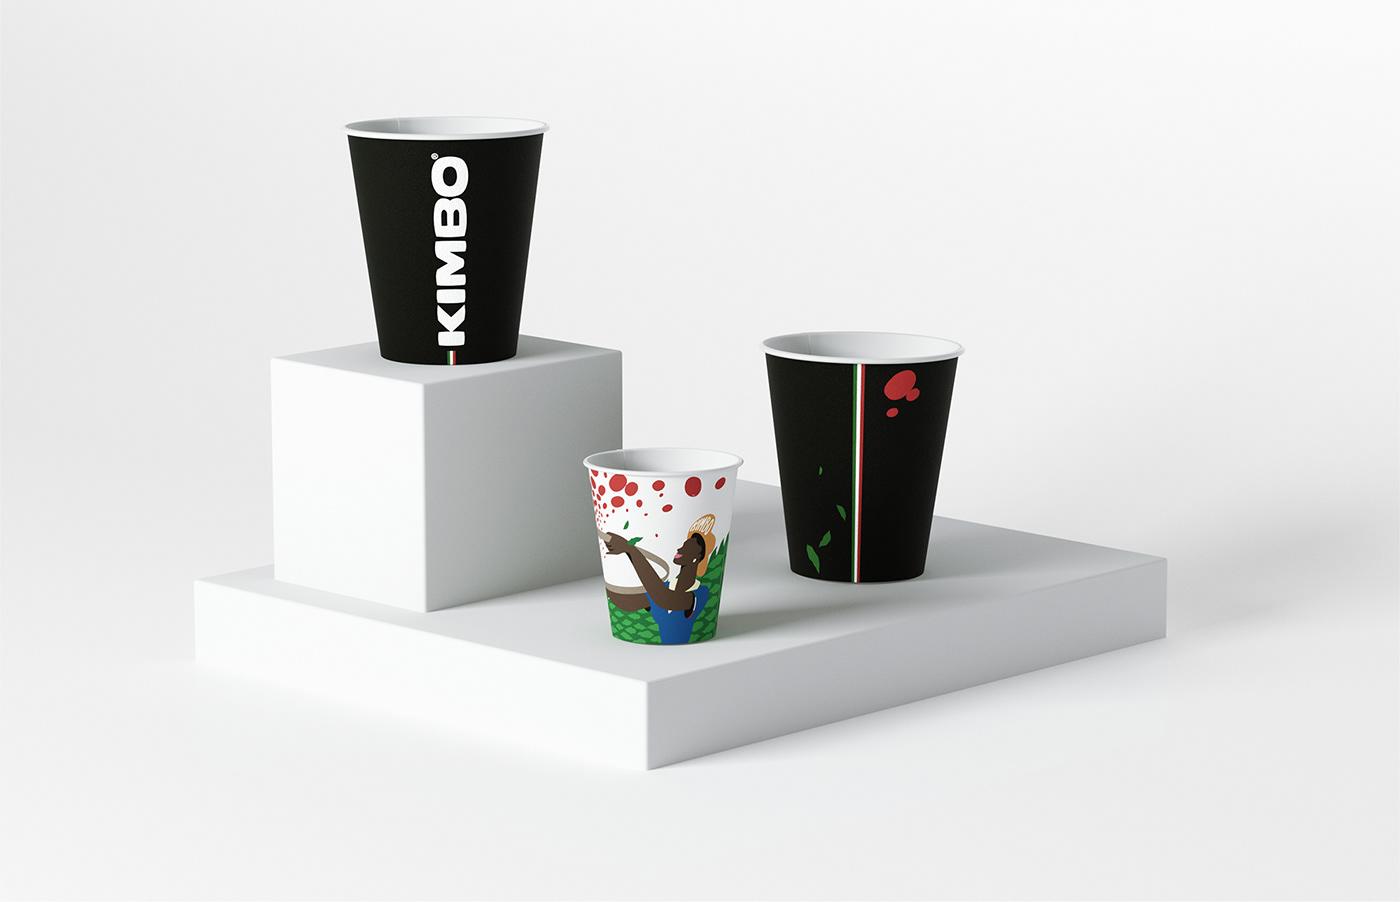 Image may contain: wall, indoor and mug